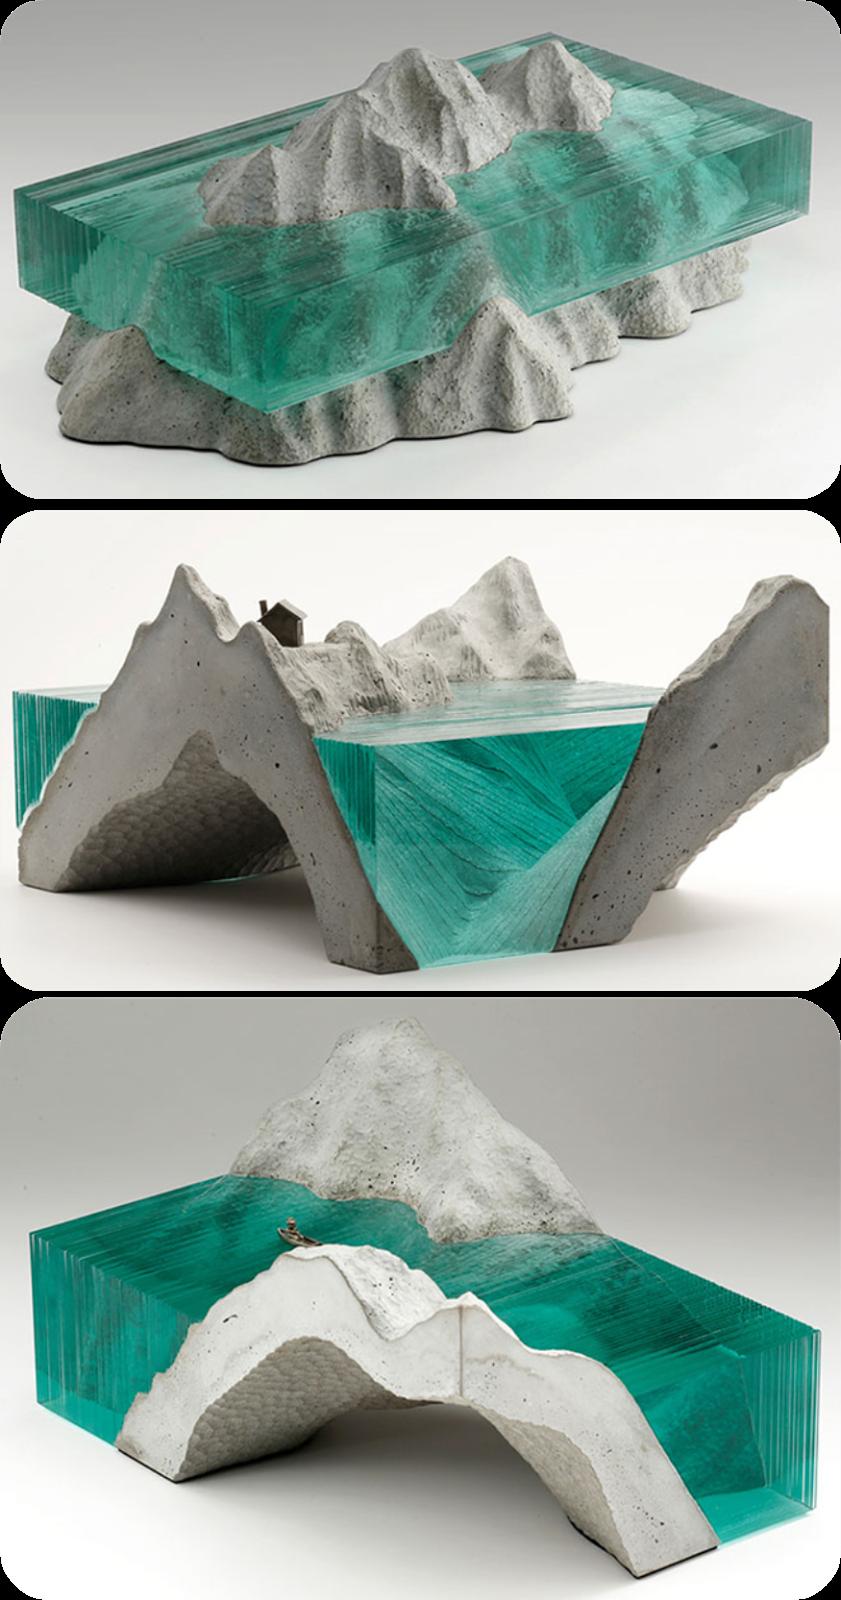 http://brokenliquid.com/52503/gallery